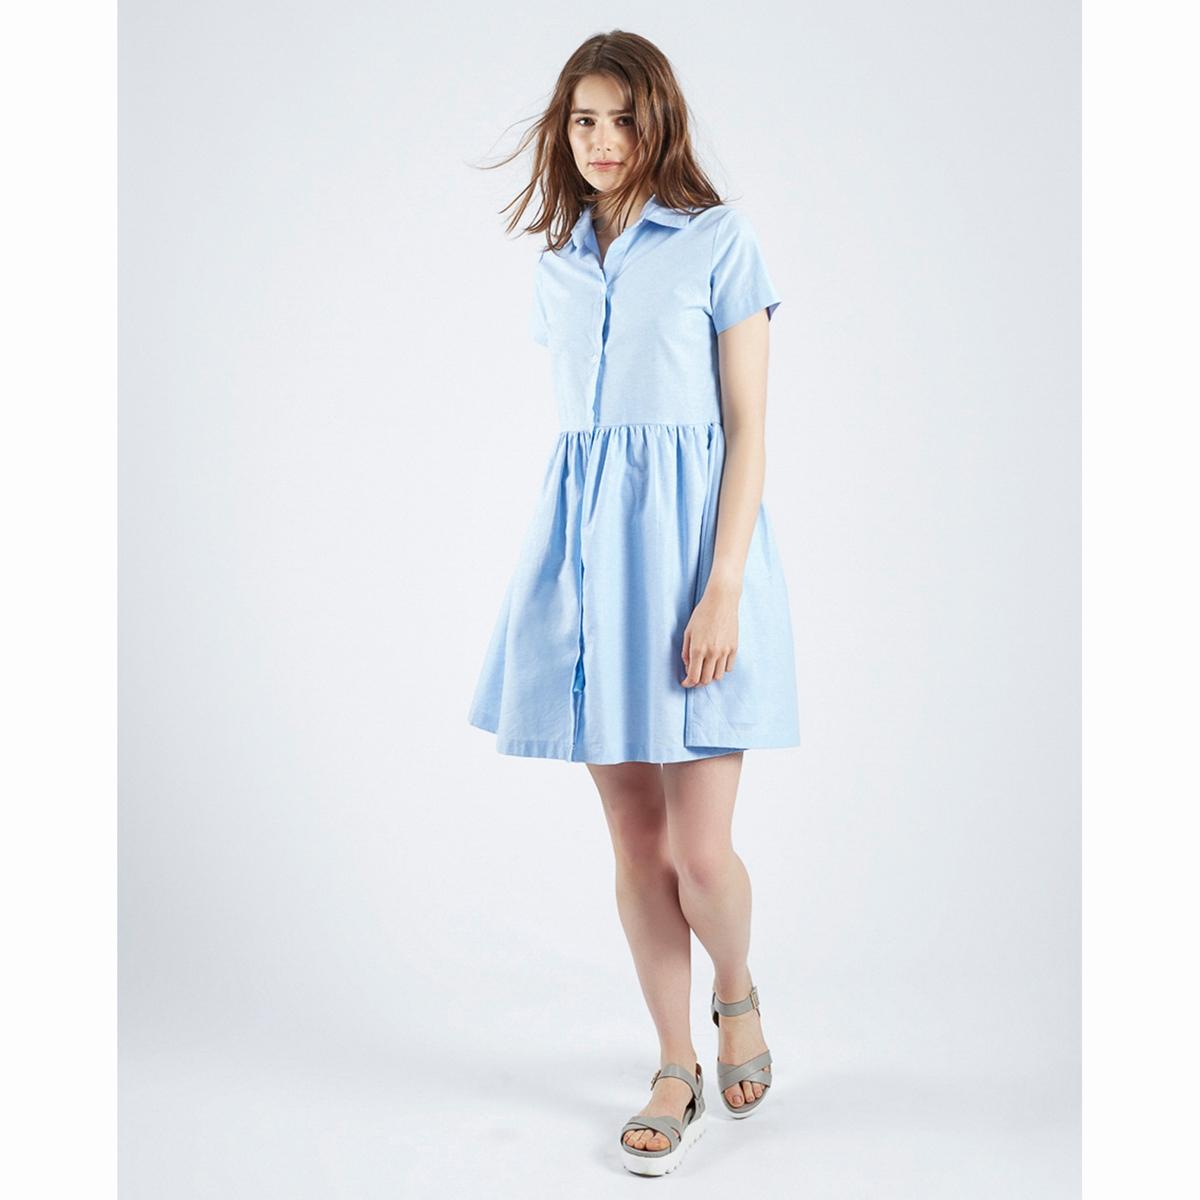 Платье Vestido Azul JackfruitСостав и описаниеМатериалы : 100% хлопокМарка : Compania FantasticaМодель : Vestido Azul JackfruitУходПросьба следовать рекомендациям, указанным на этикетке изделия  .<br><br>Цвет: голубой<br>Размер: S